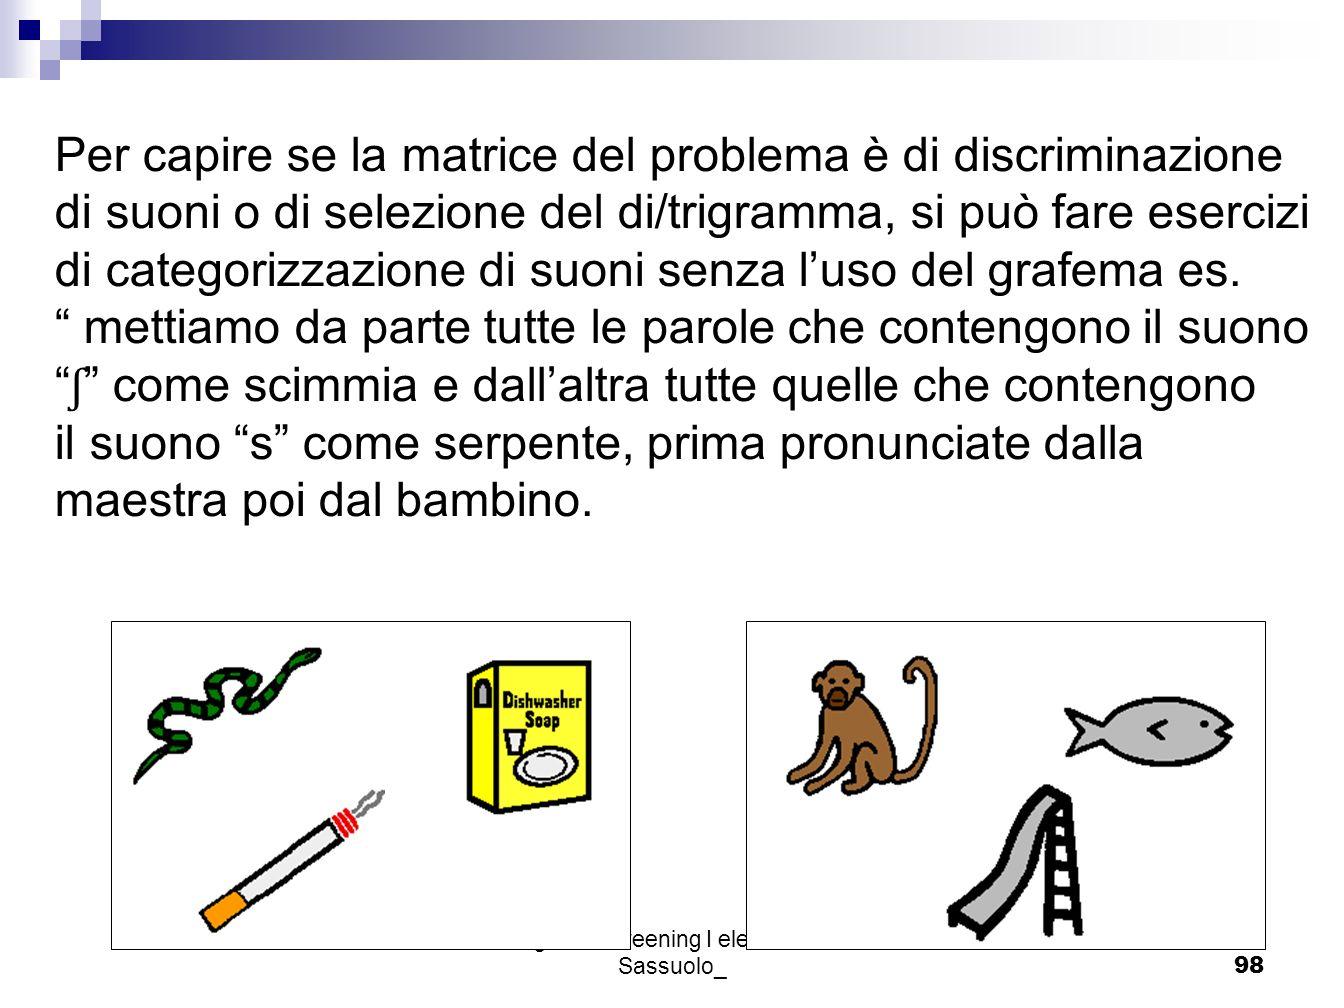 Progetto Screening I elementare - Sassuolo_98 Per capire se la matrice del problema è di discriminazione di suoni o di selezione del di/trigramma, si